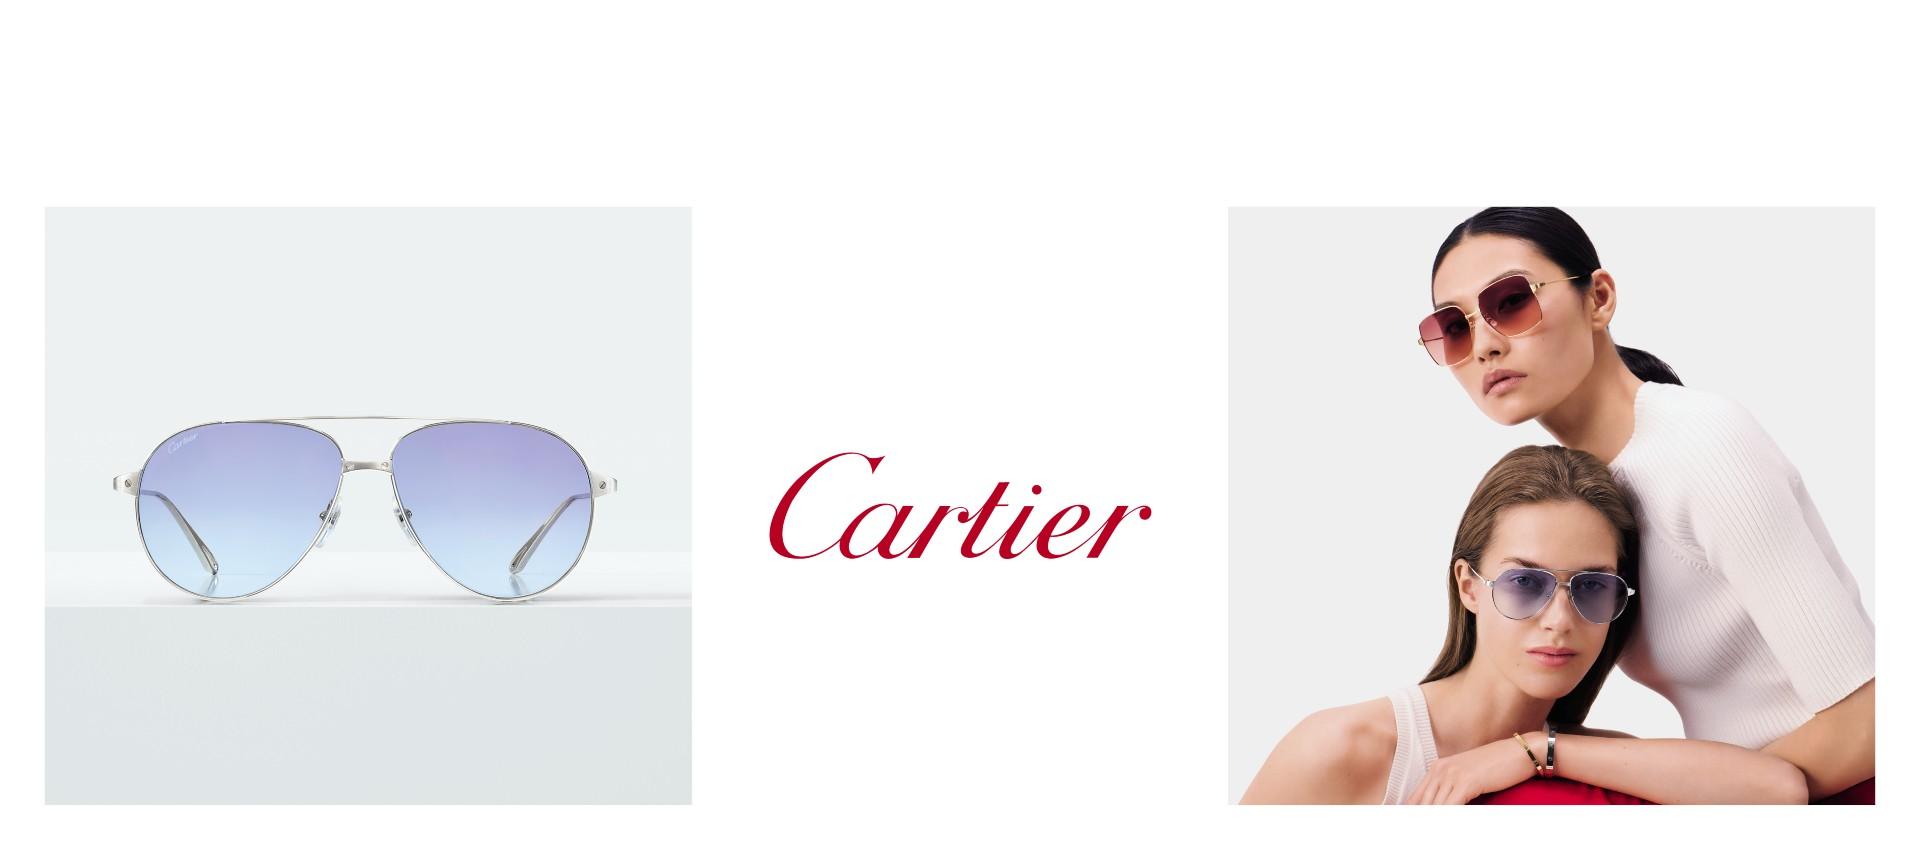 CARTIER_2Banner_021